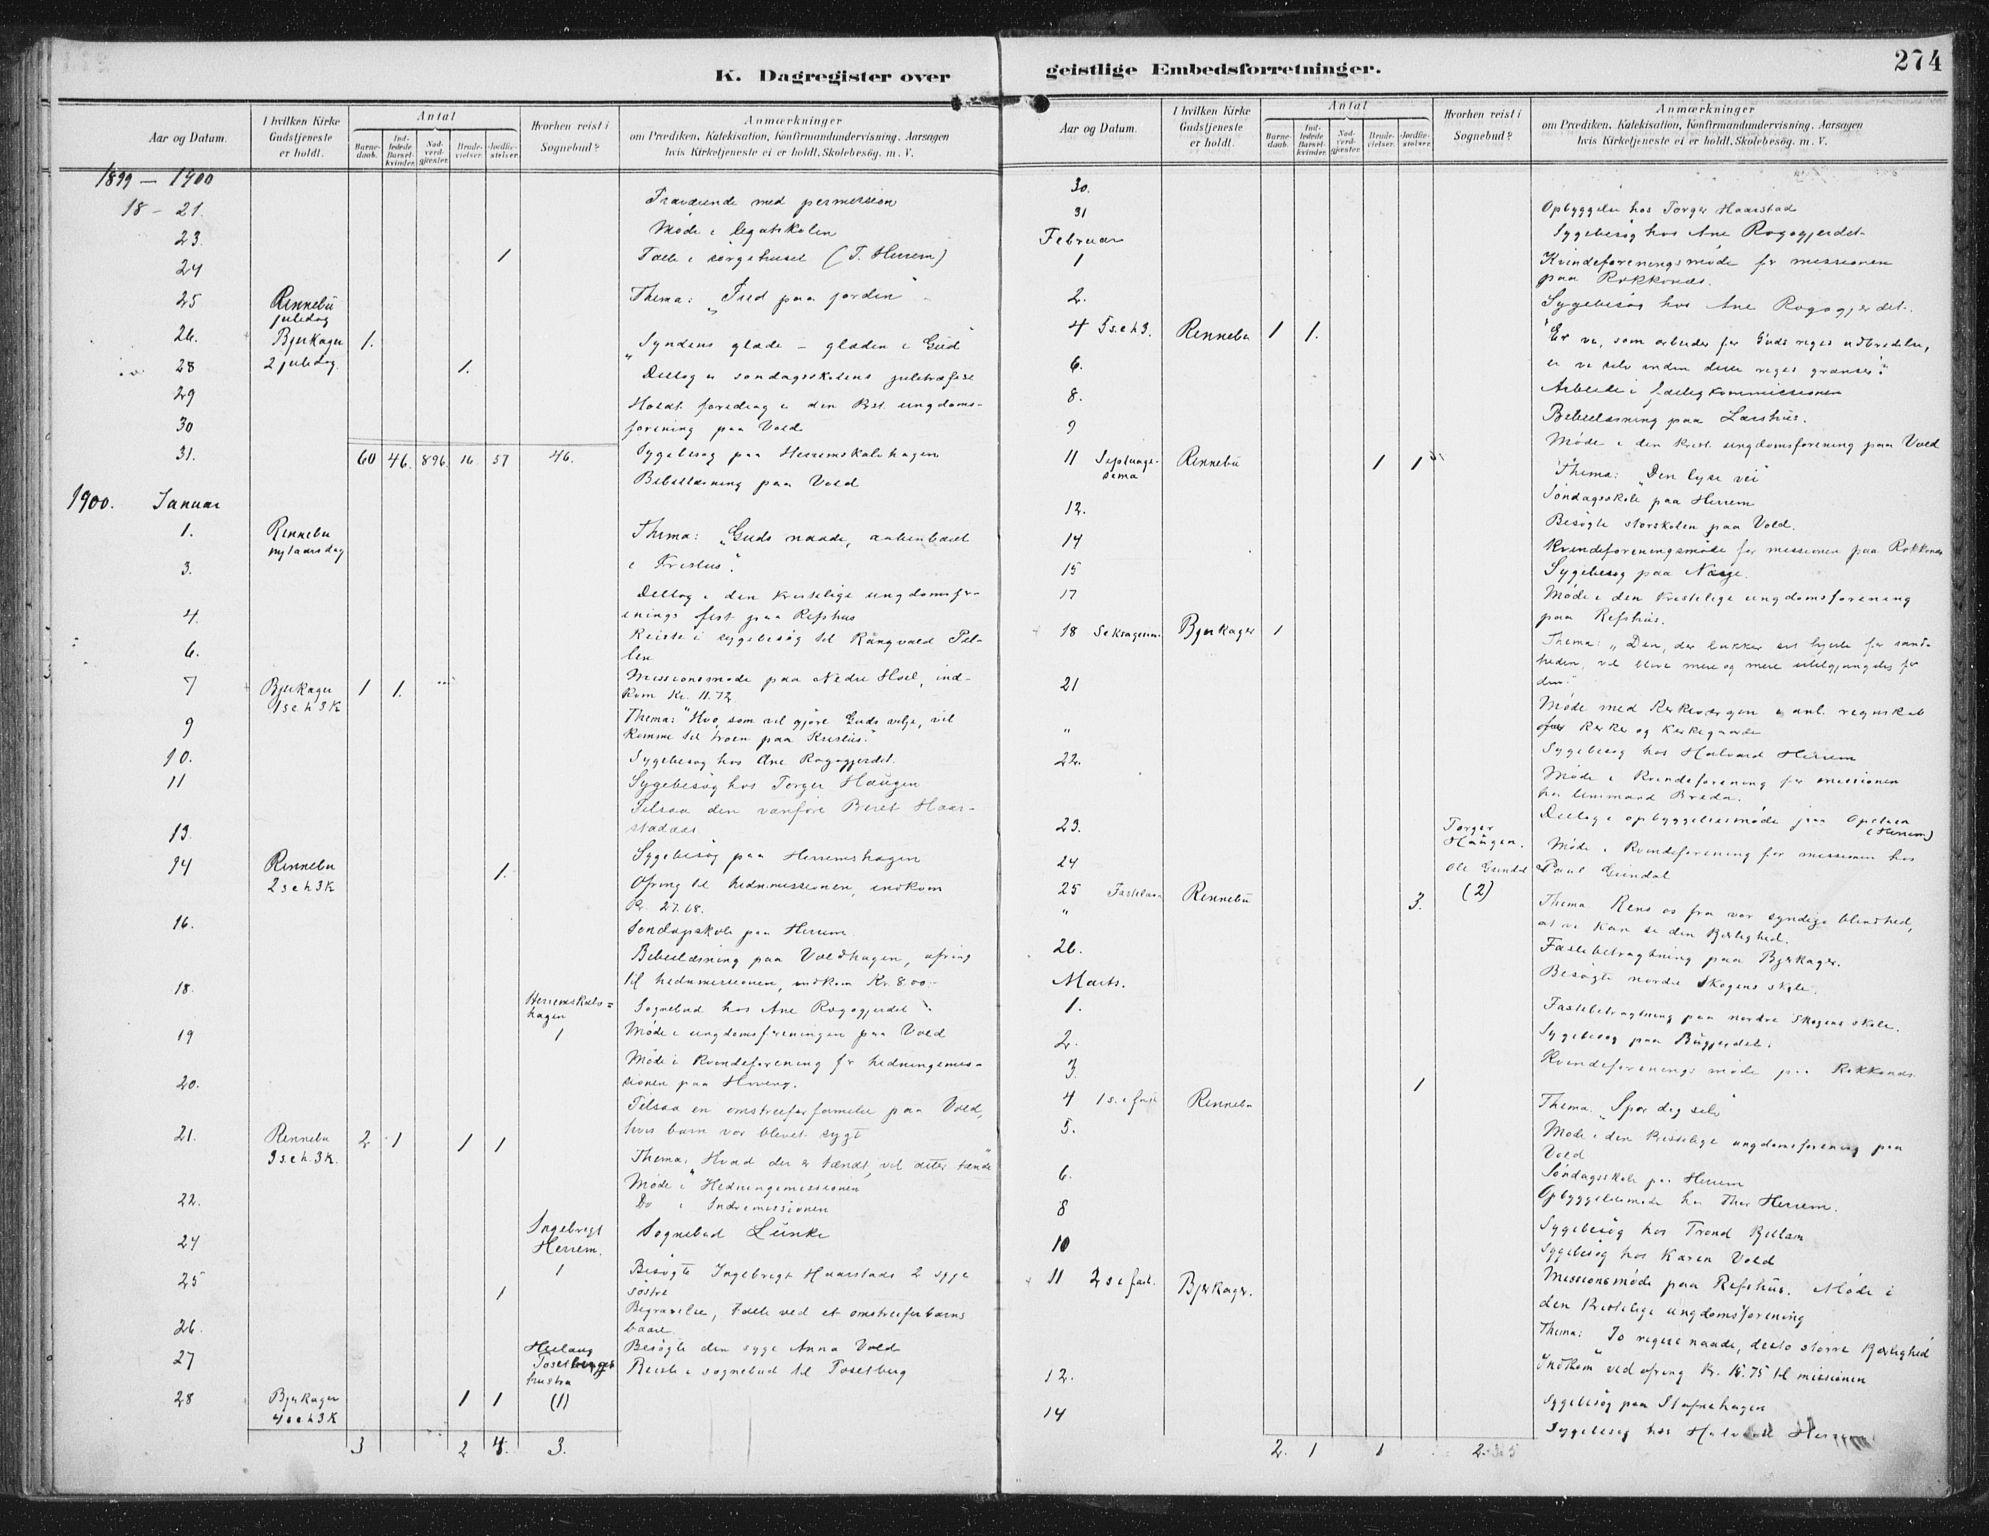 SAT, Ministerialprotokoller, klokkerbøker og fødselsregistre - Sør-Trøndelag, 674/L0872: Ministerialbok nr. 674A04, 1897-1907, s. 274